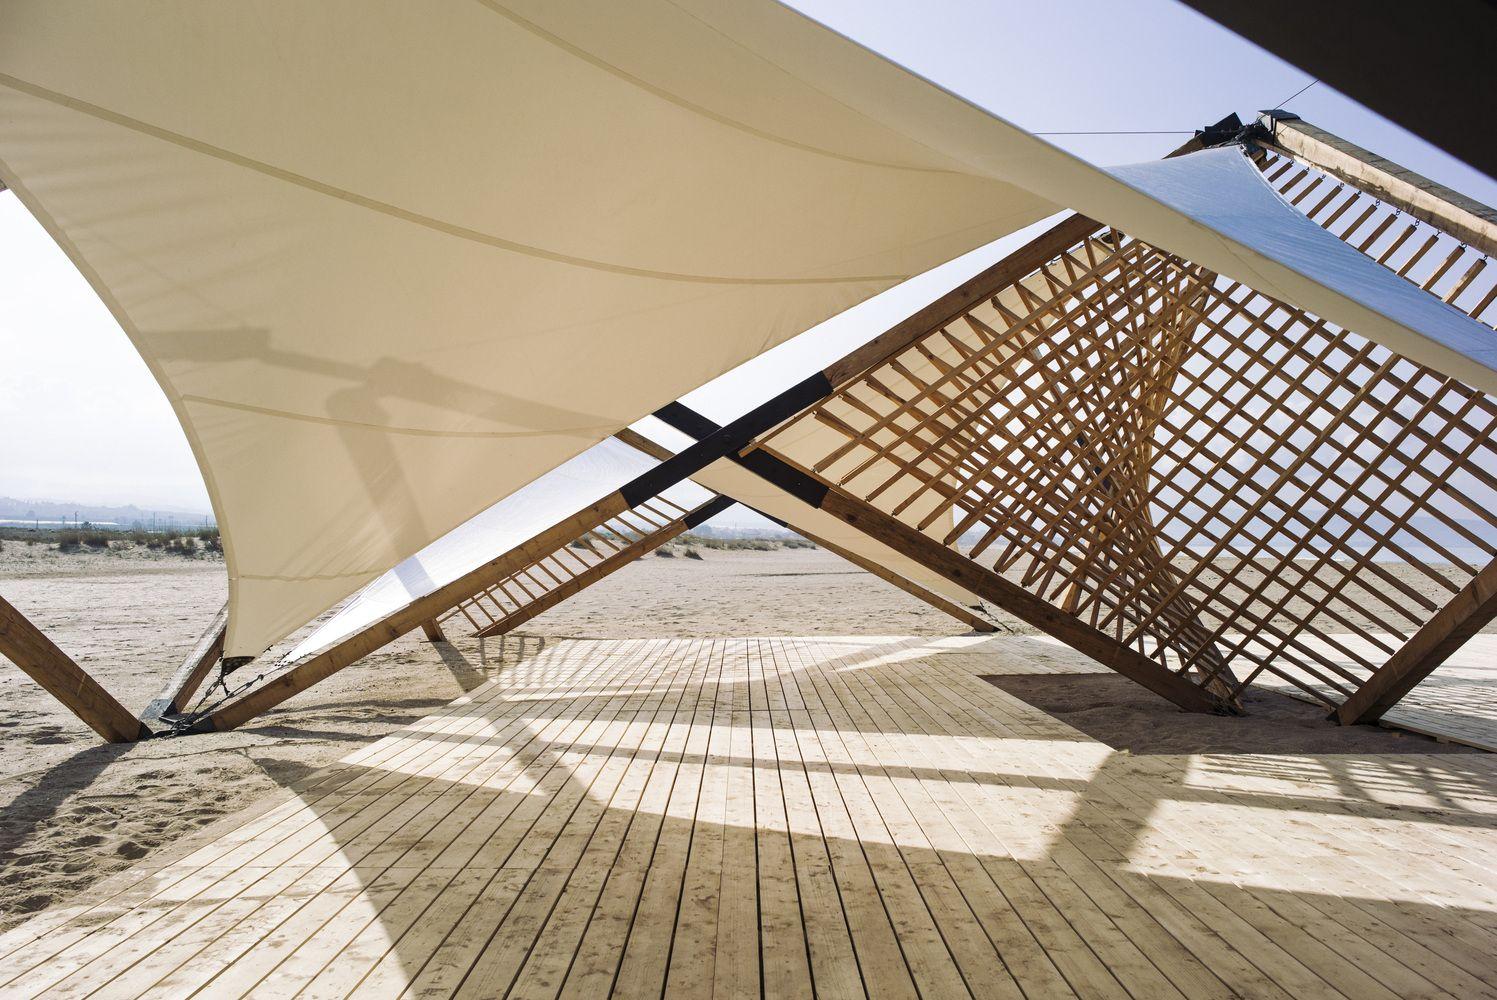 Galeria De Como Uma Estrutura Desdobravel Leve De Madeira E Metal Pode Ter Um Grande Impacto Social 2 Kinetic Architecture Temporary Architecture Fabric Canopy